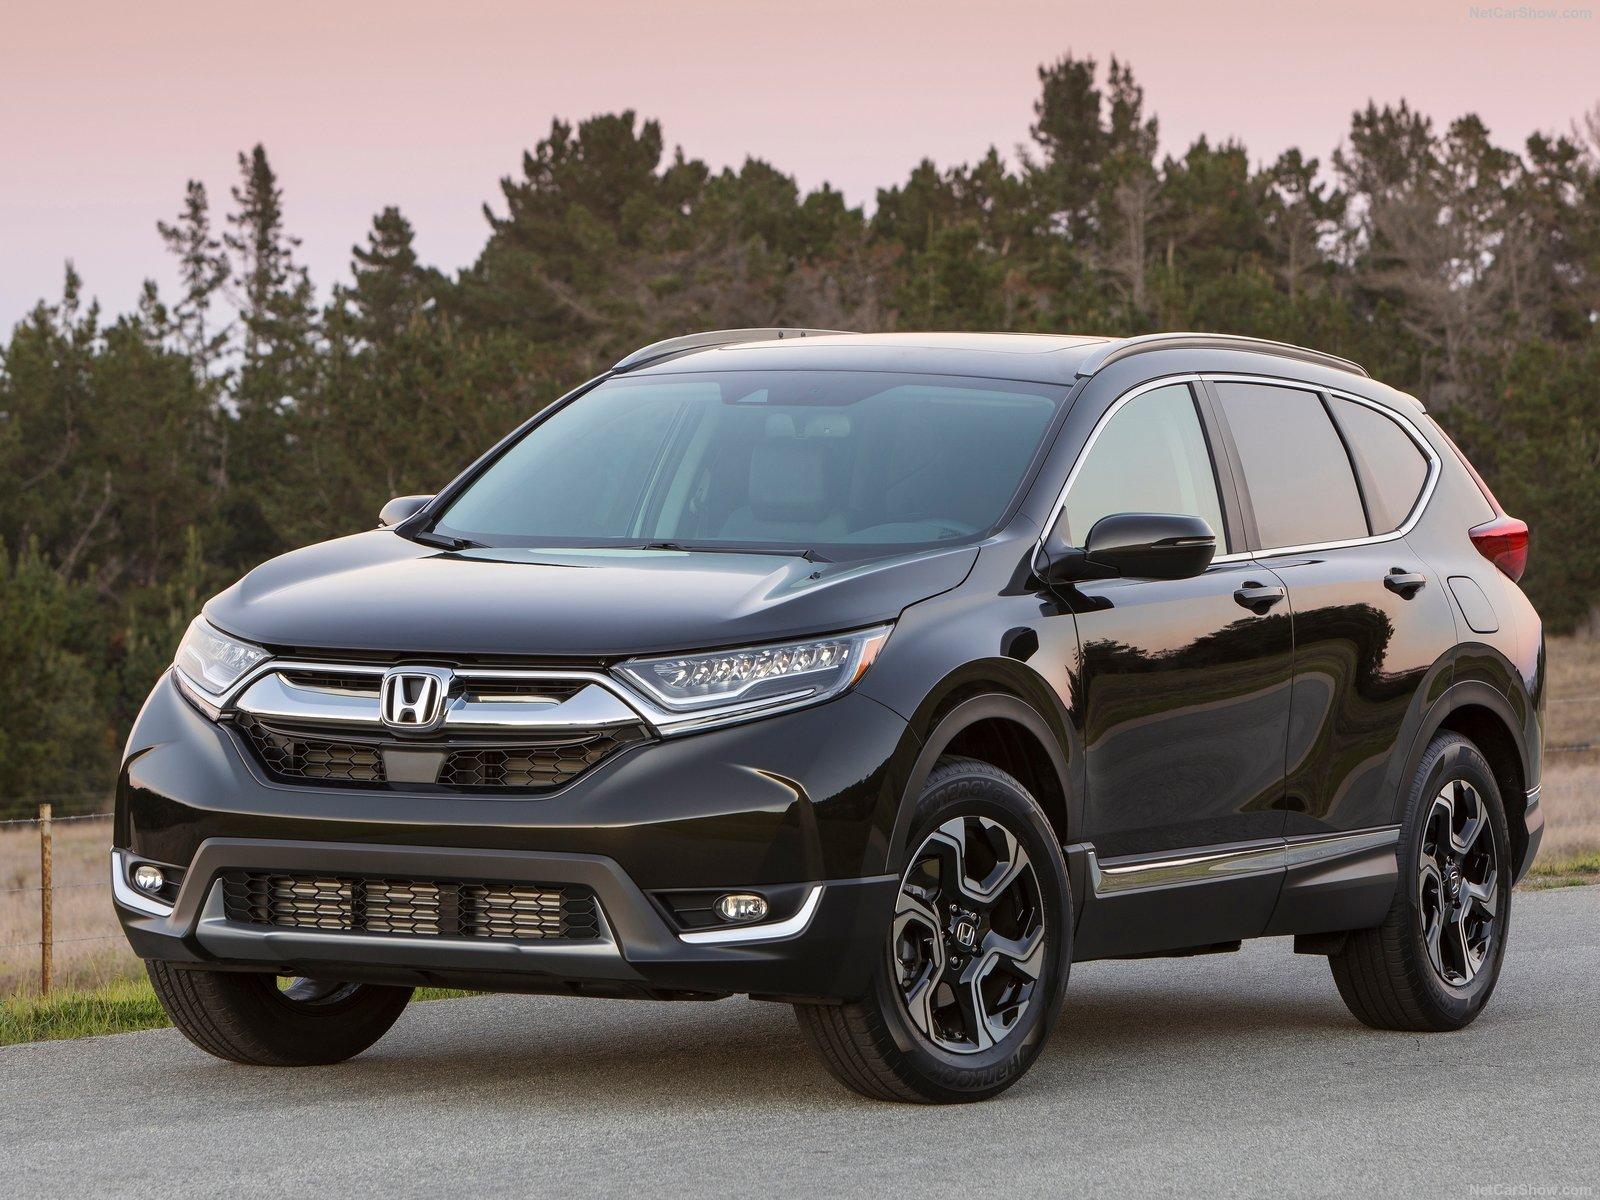 2017 Honda Crv Release Date >> 2017 Honda Cr V